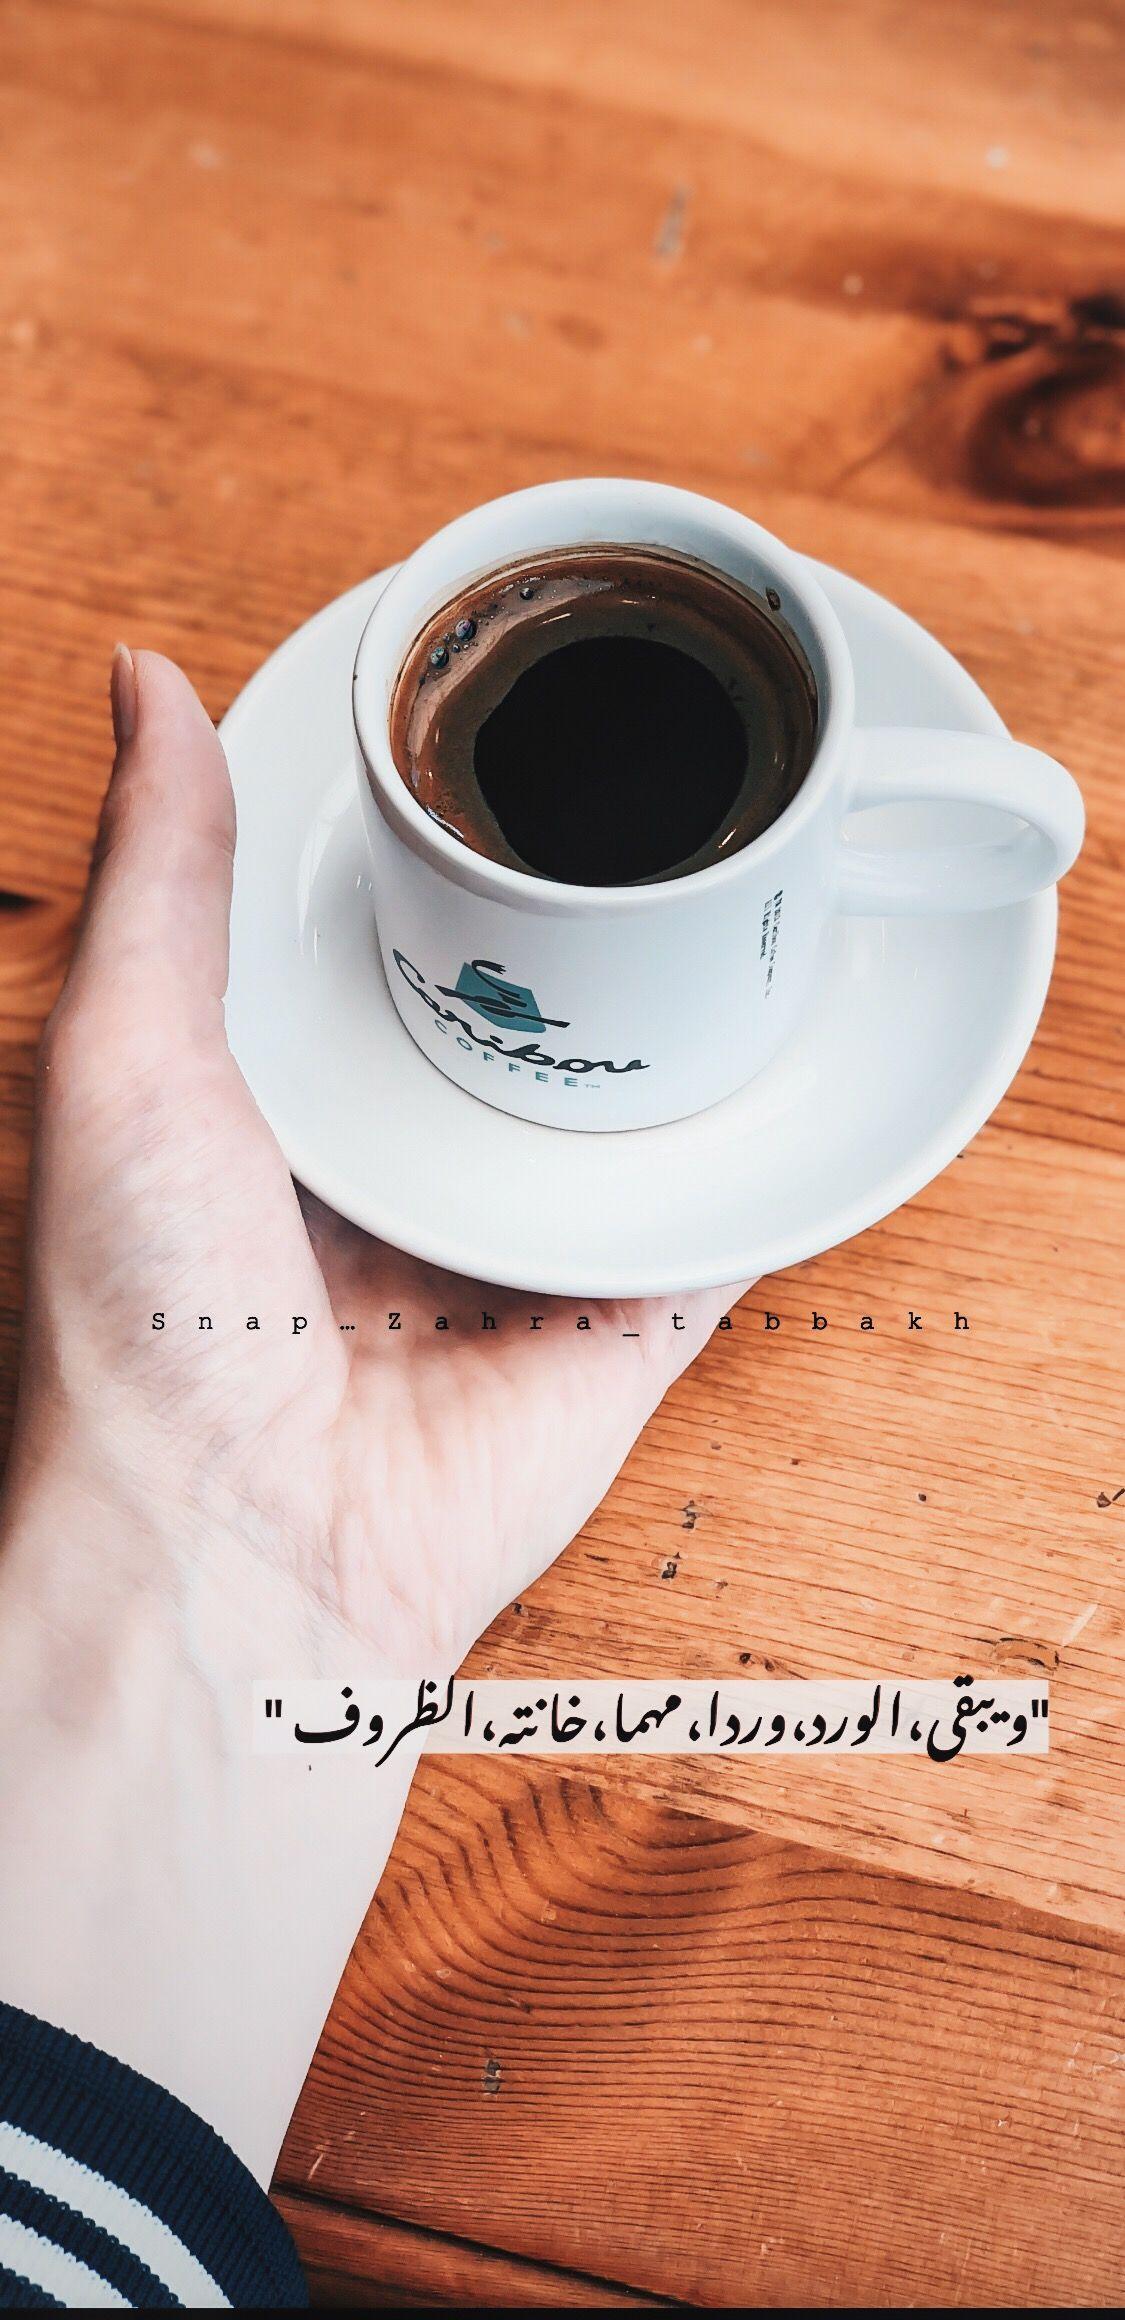 ويبقى الورد وردا مهما خانته الظروف Arabic Quotes Poetic Words Coffee Quotes